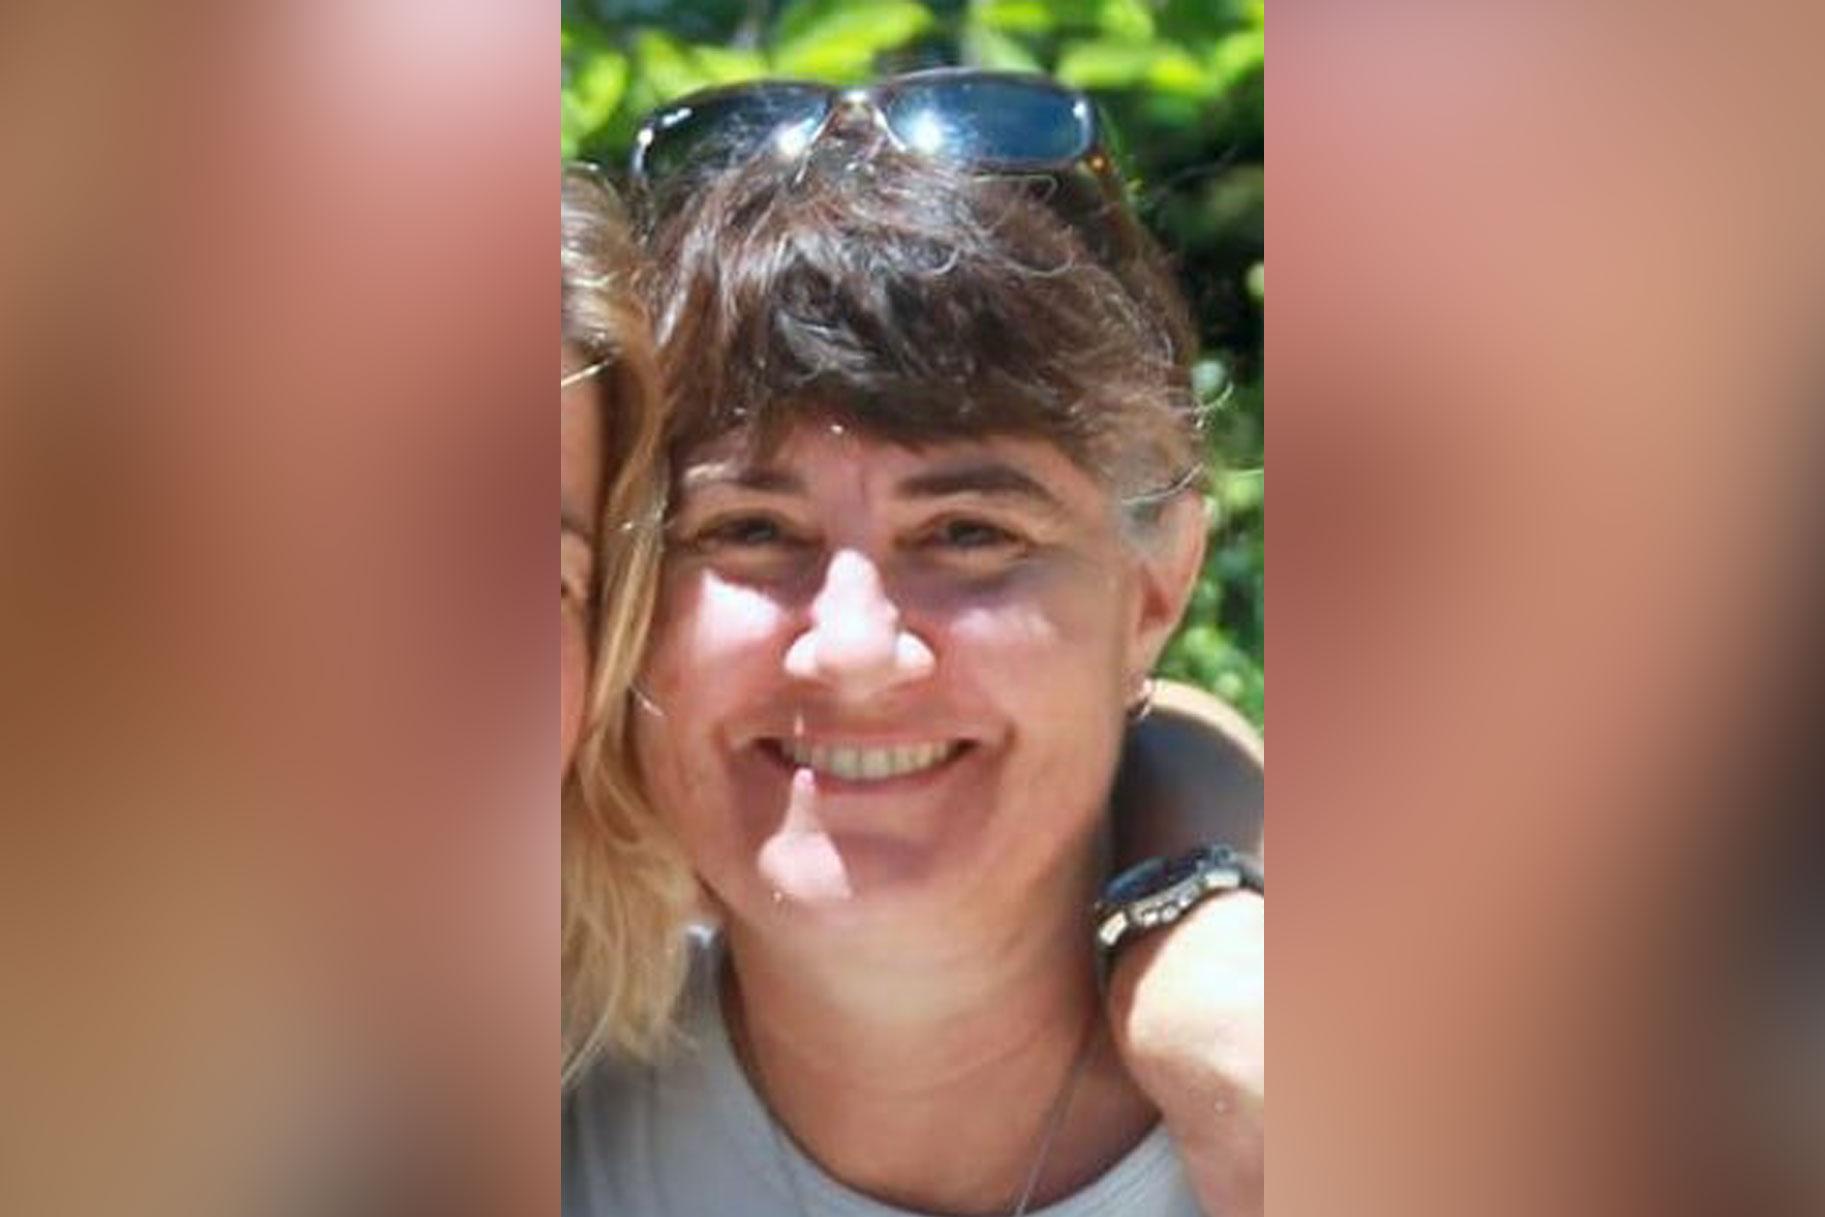 Recompensa de $ 25K ofrecida por información sobre el asesino de mujeres de Palm Springs